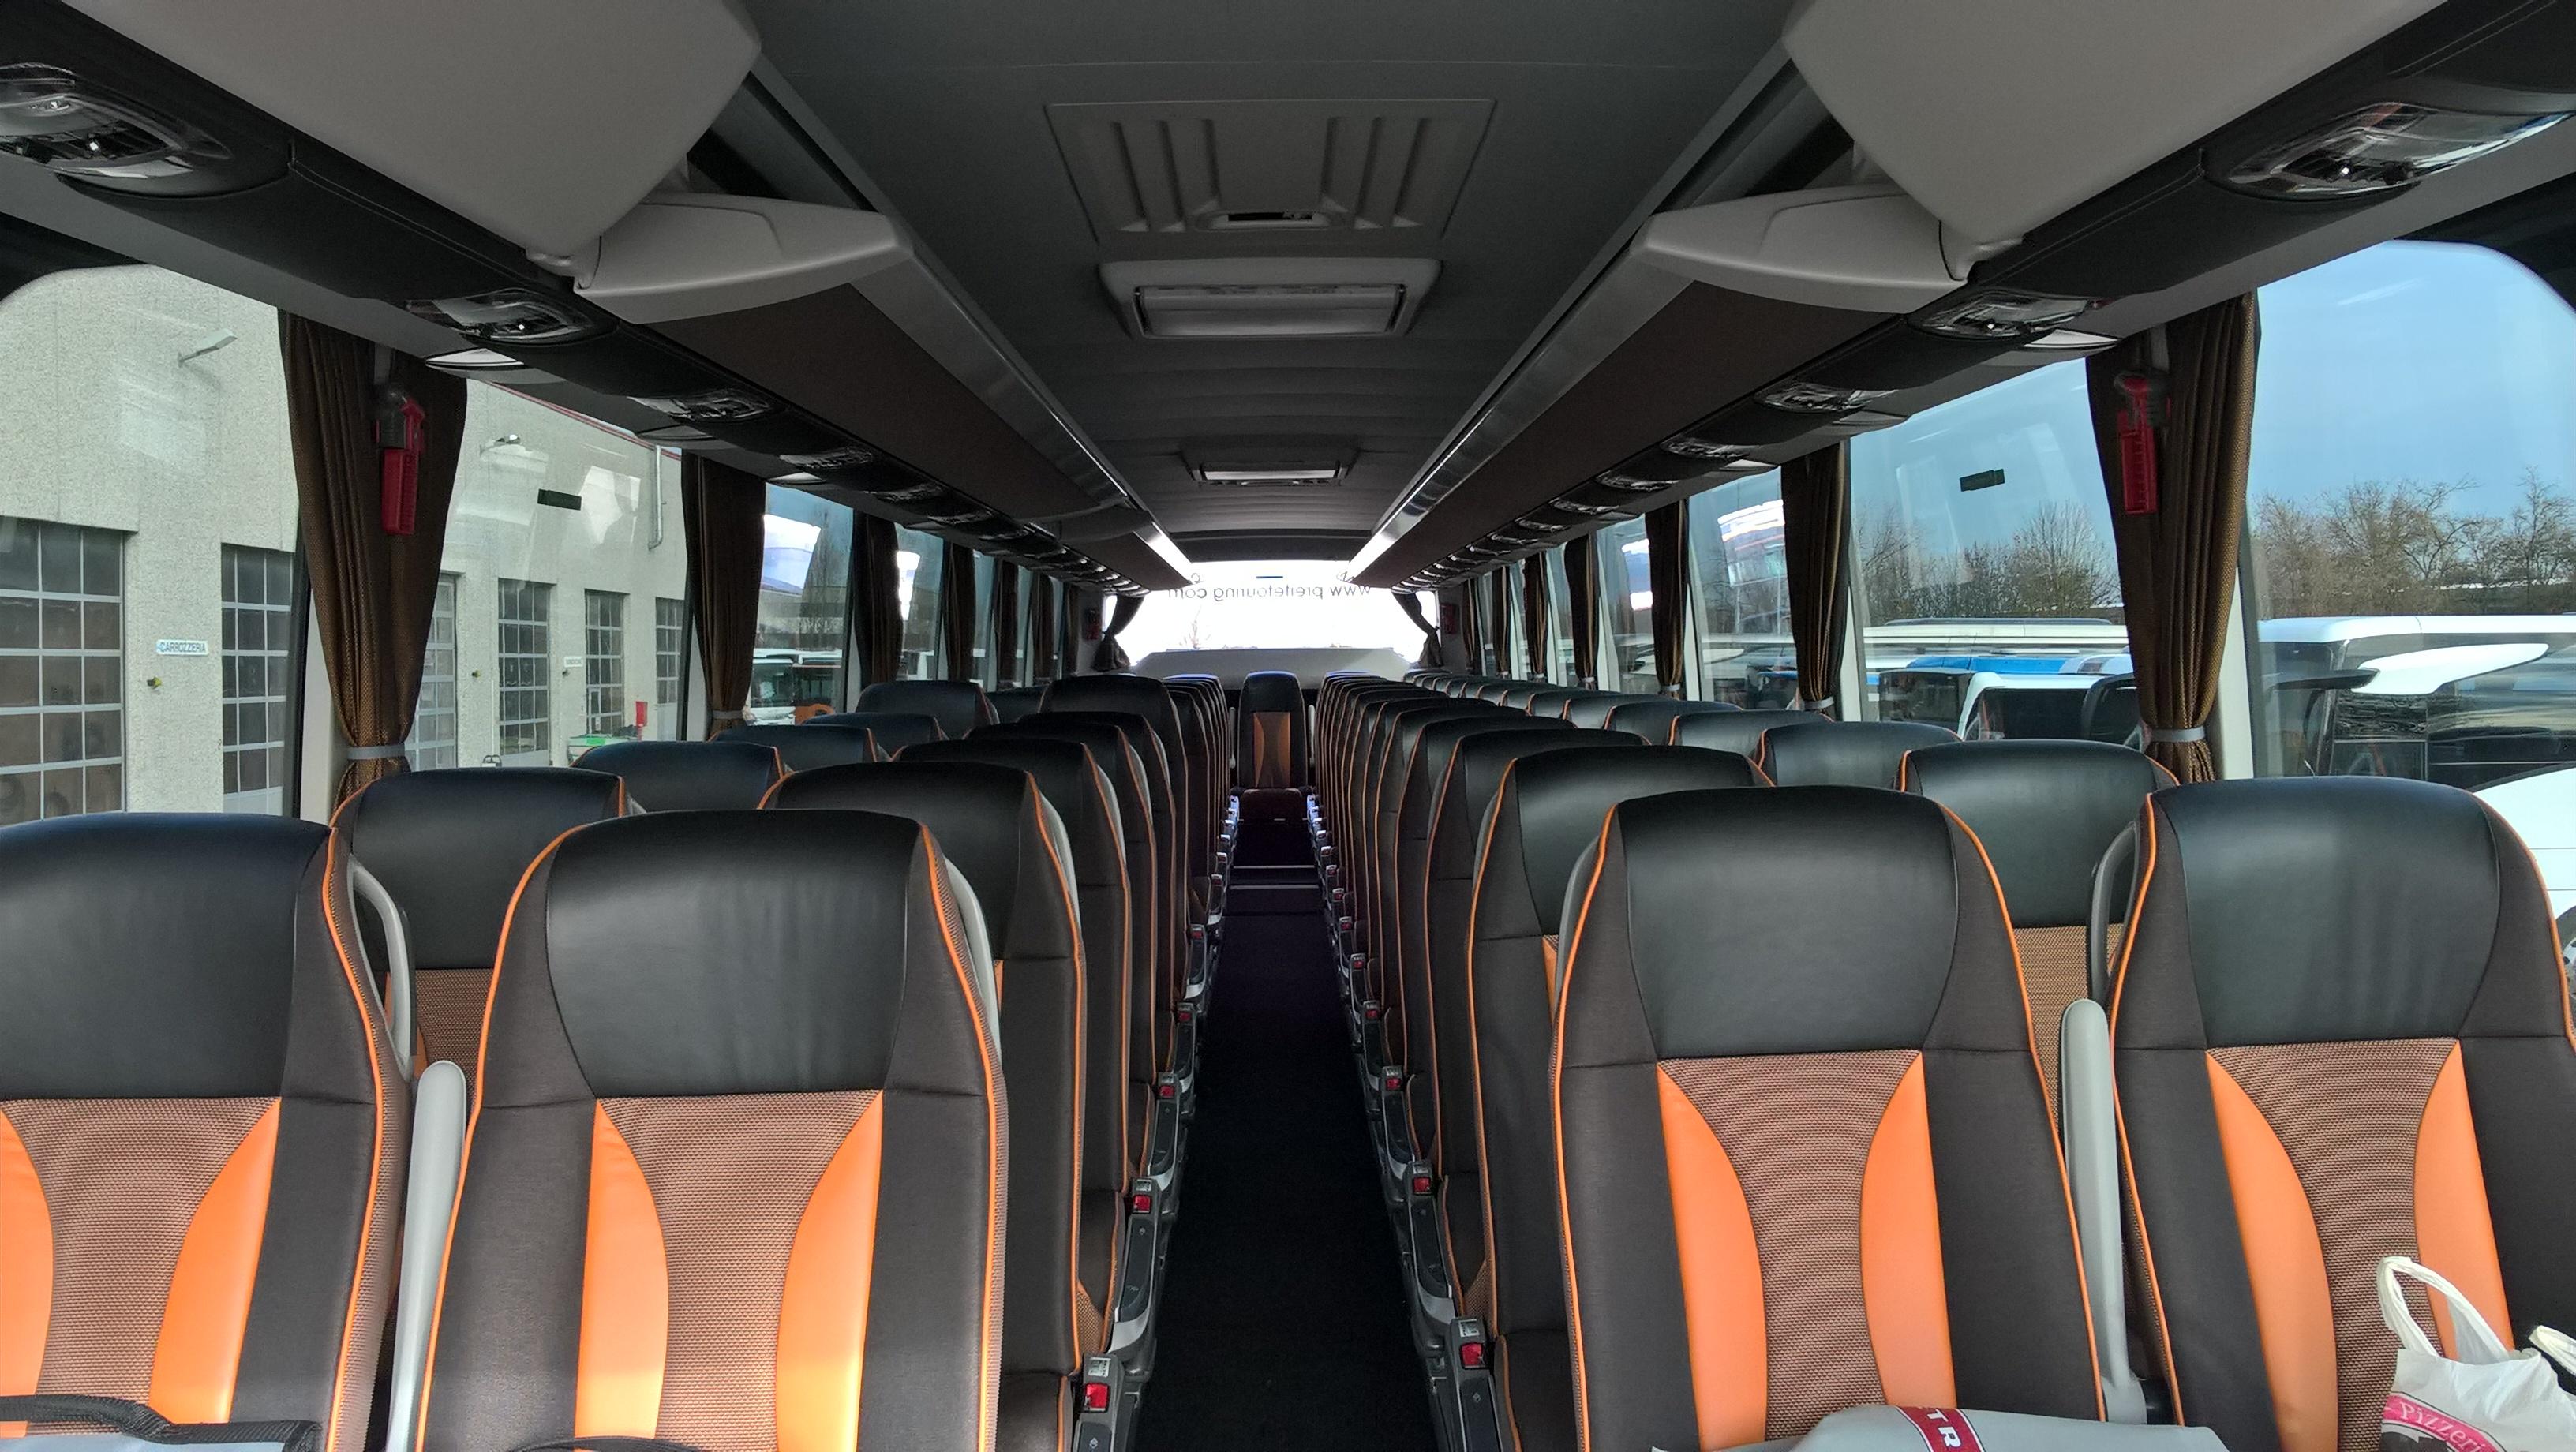 Interno bus Consegna Setra 2017 a Preite